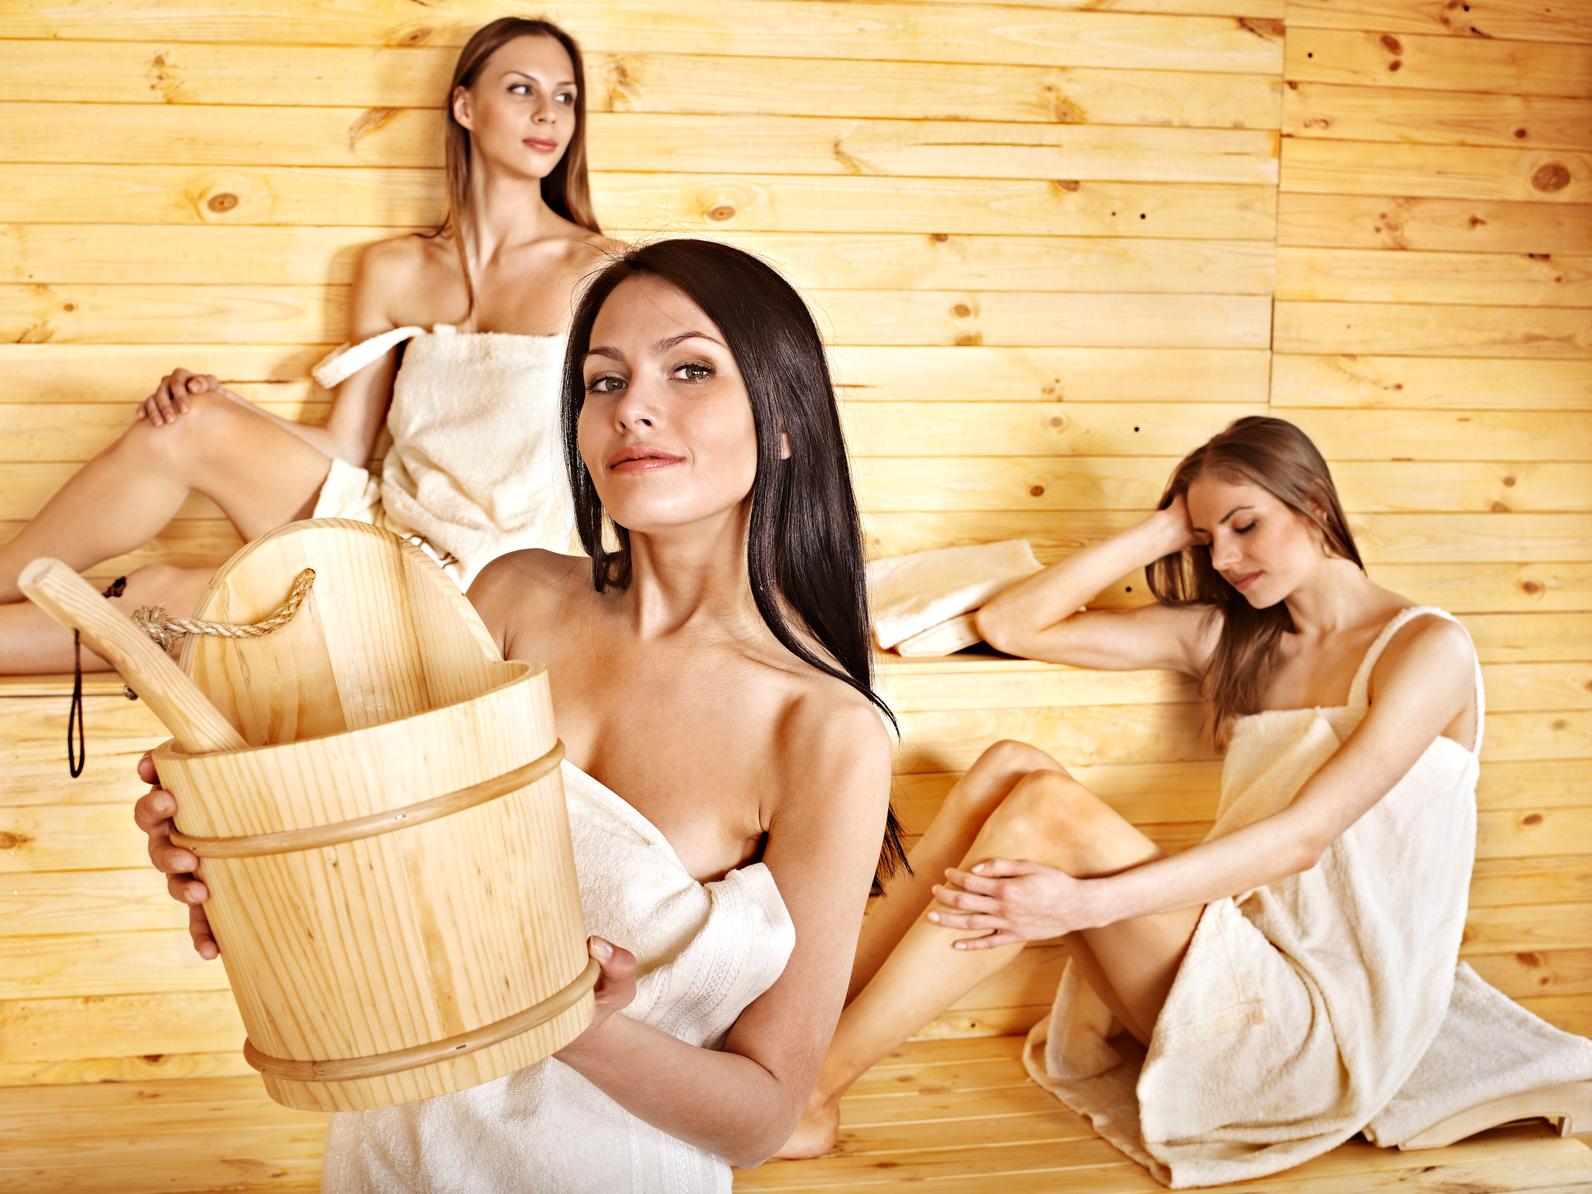 Найти видео женщин в бане 1 фотография